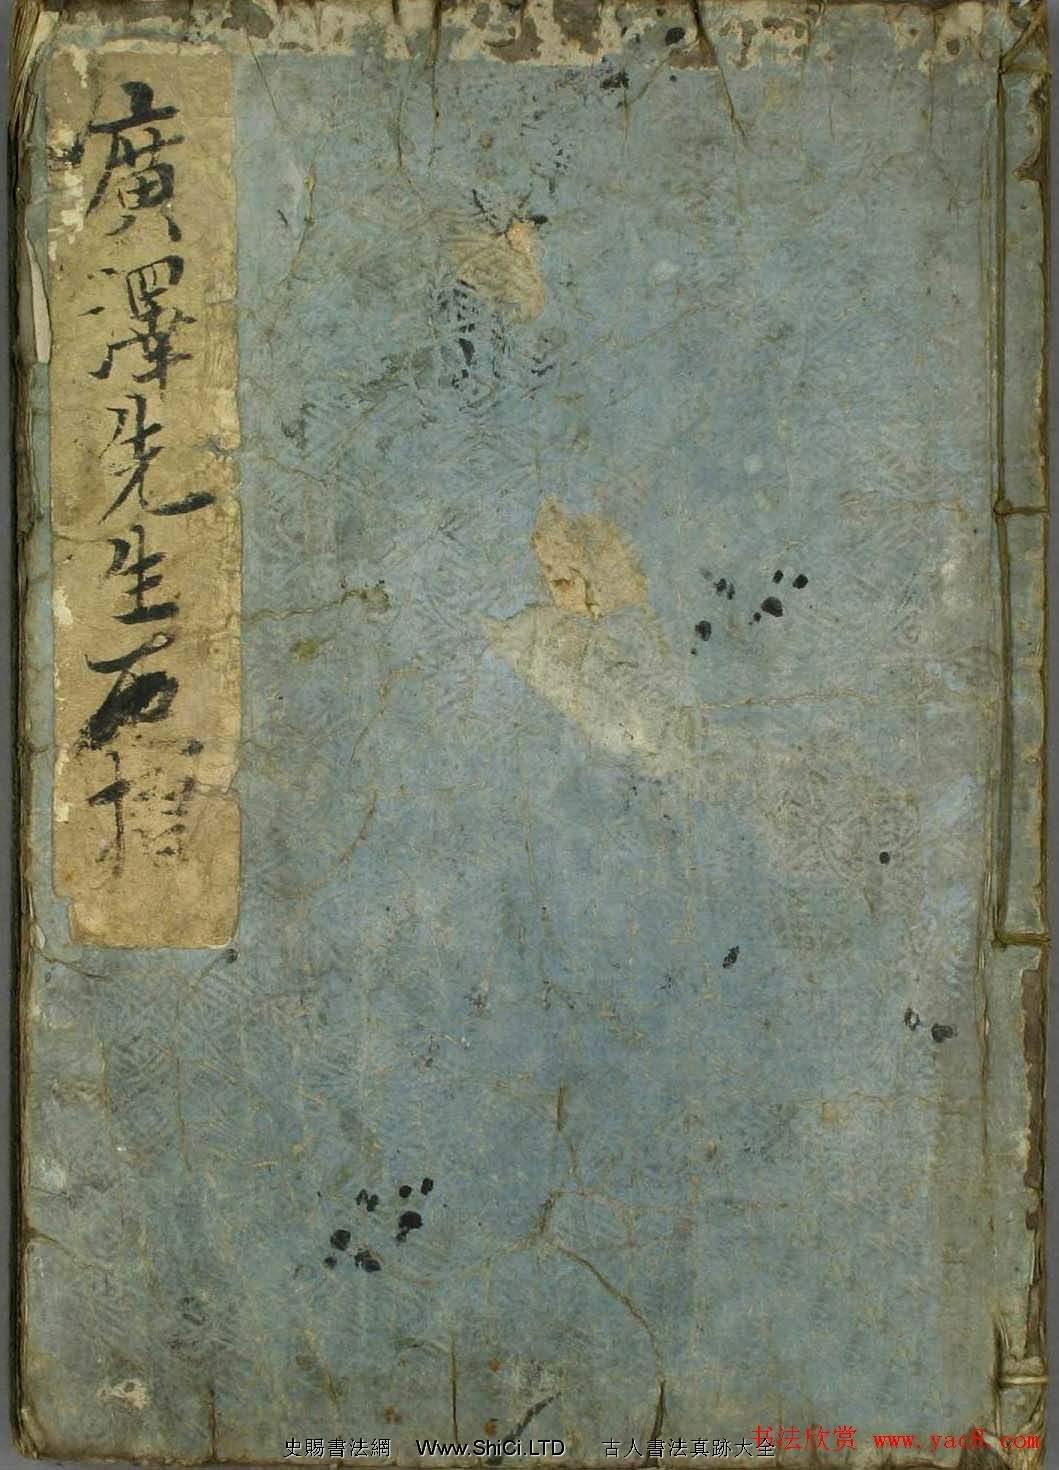 日本廣澤滕慎行書字帖真跡欣賞《千字文》(共39張圖片)